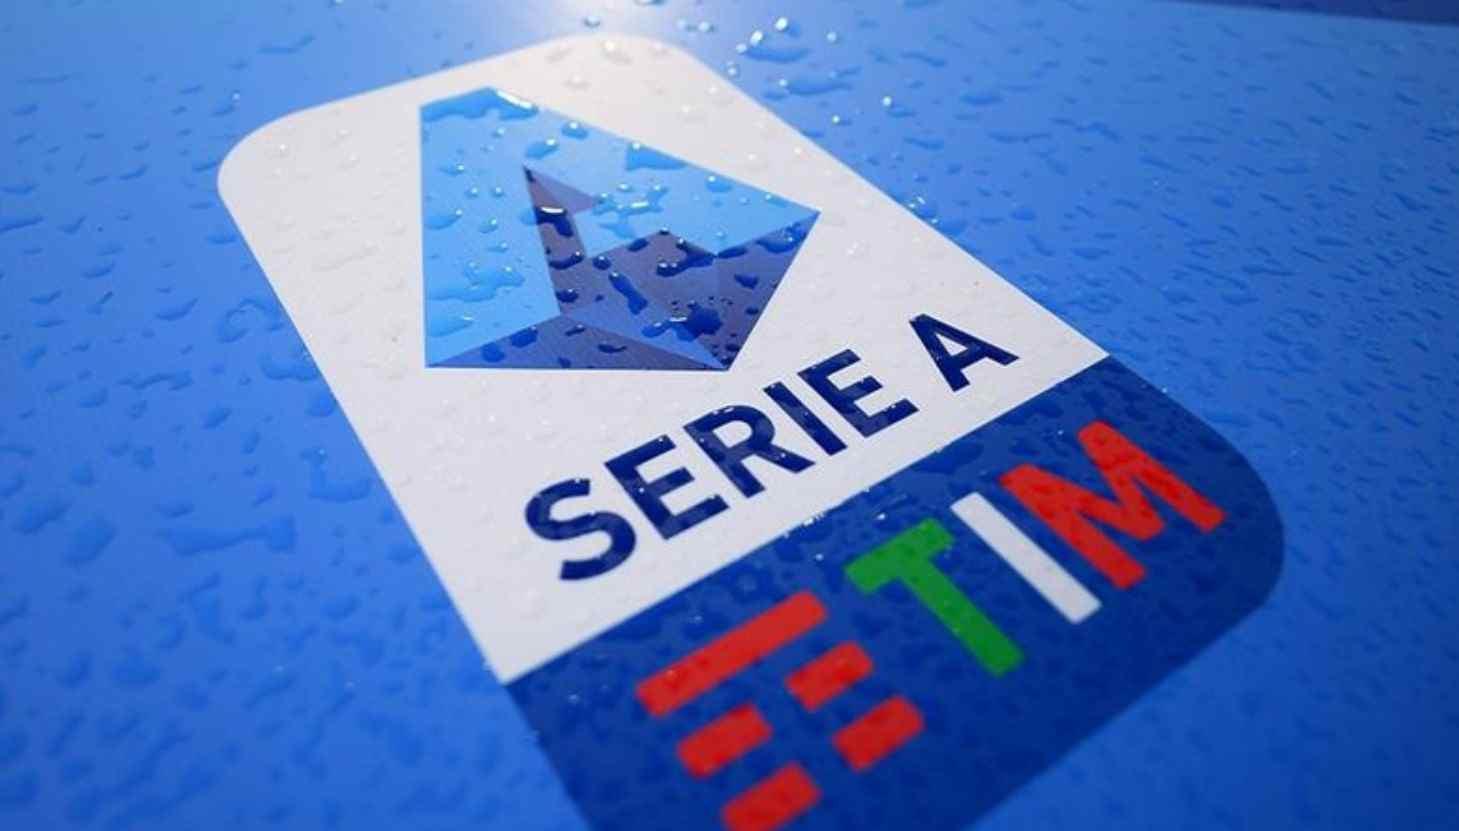 La Serie A de Italia renueva patrocinio con Tim